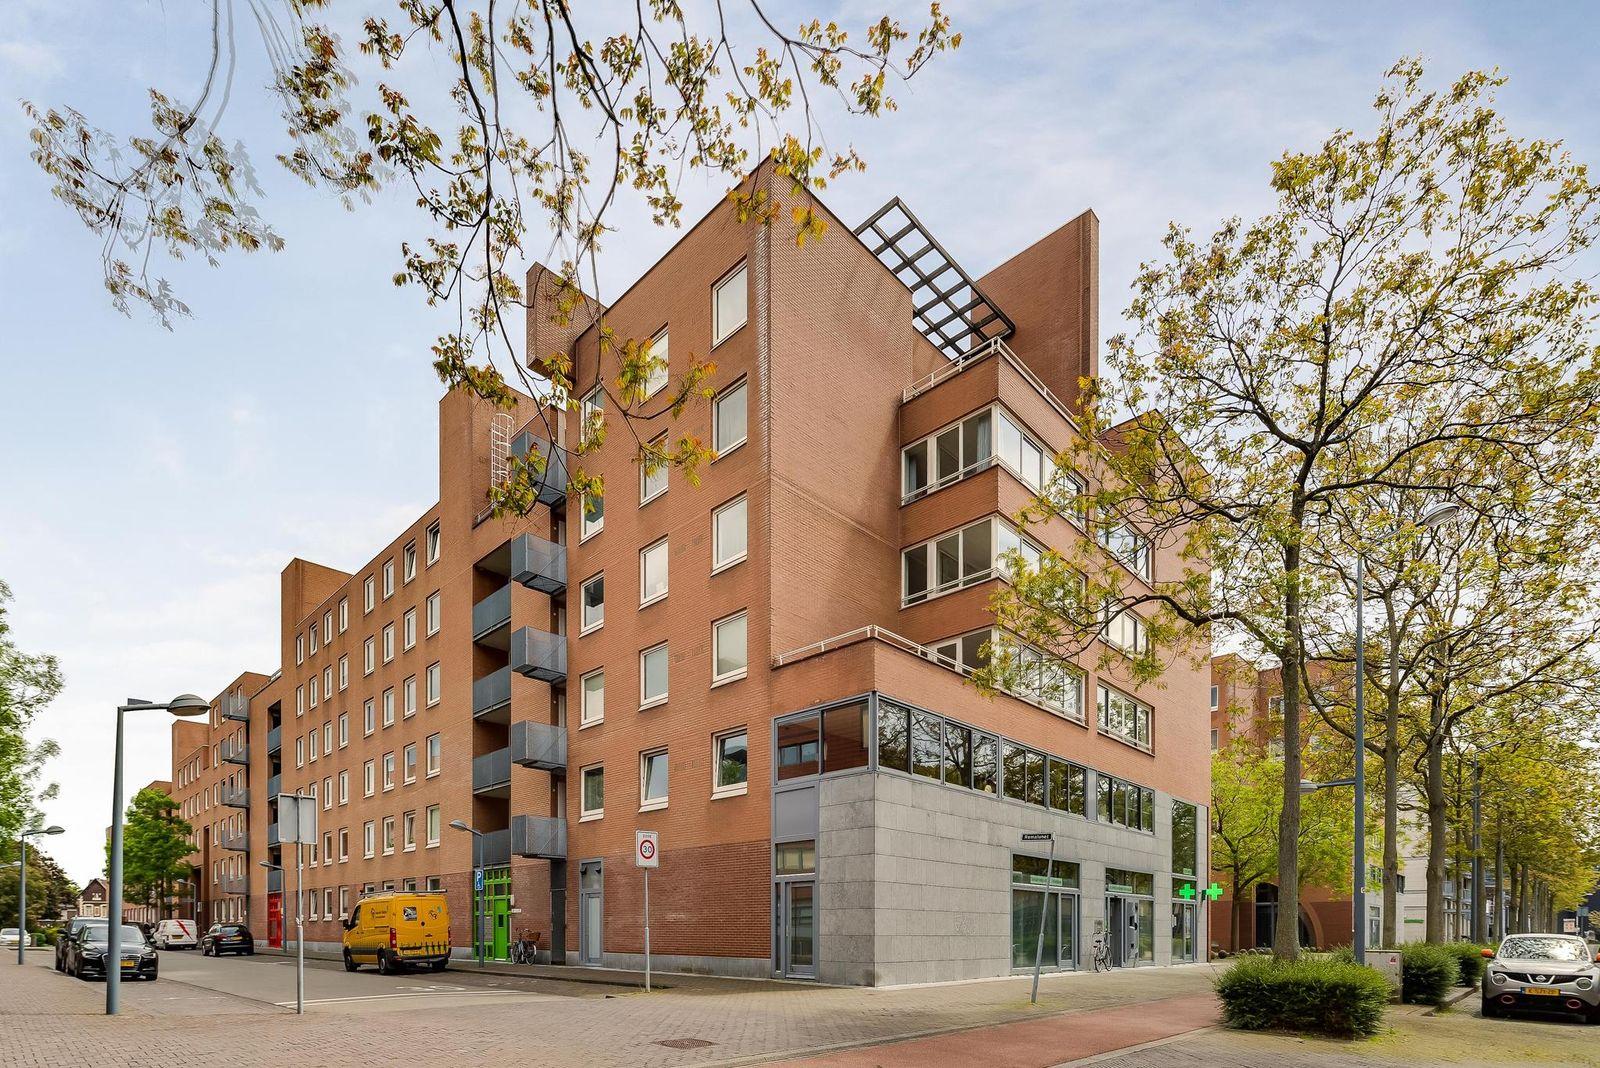 Remalunet 29-E, Maastricht